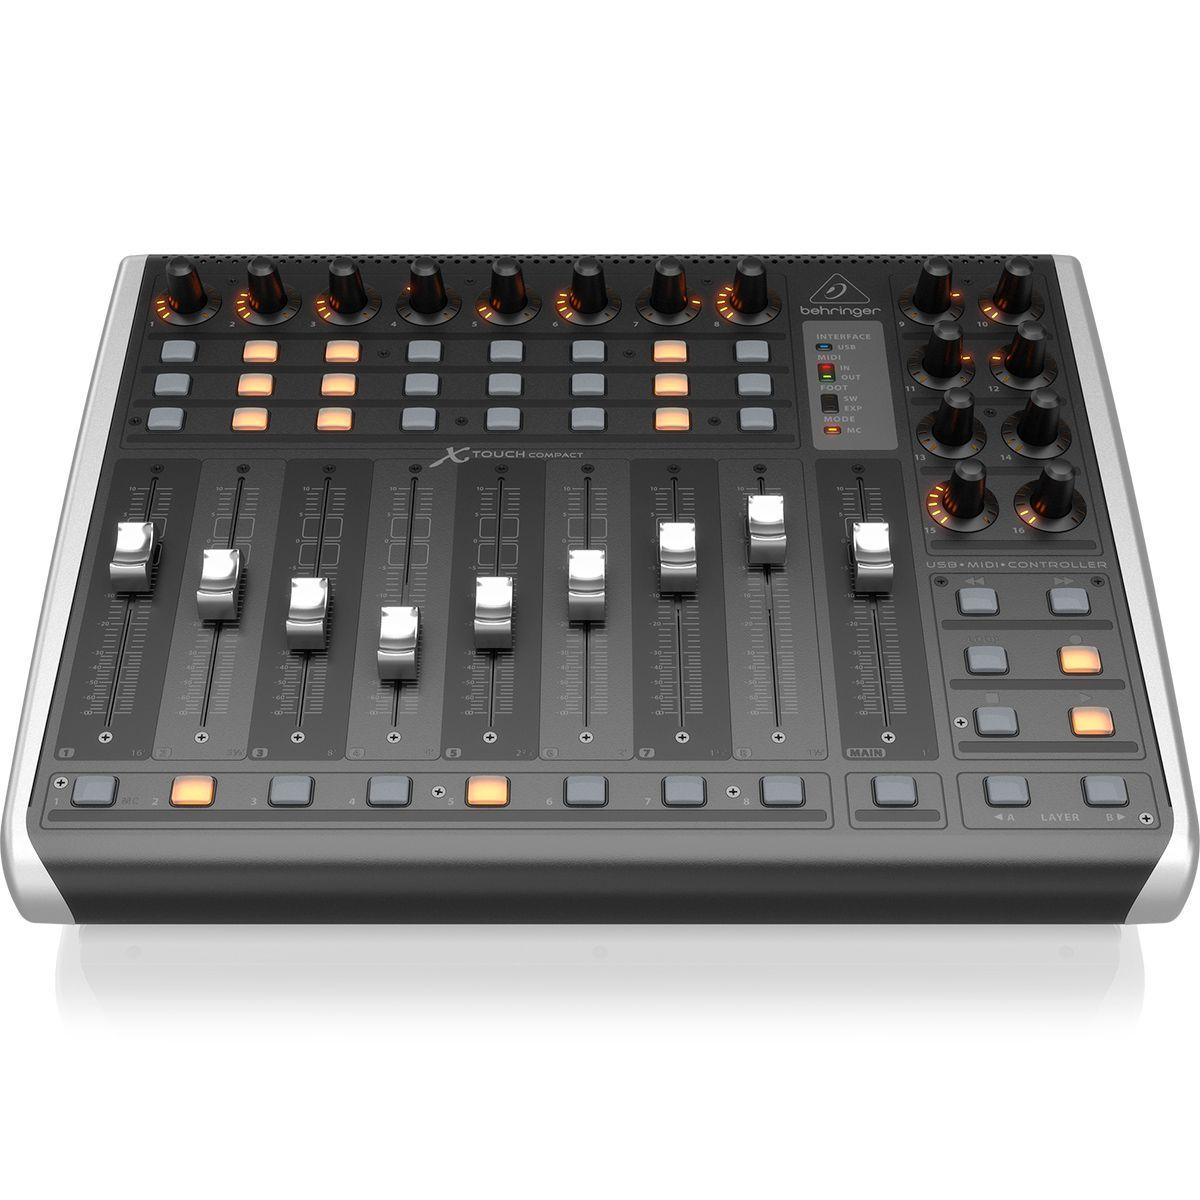 Controlador Behringer X-TOUCH-COMPACT MIDI / USB de 9 Faders